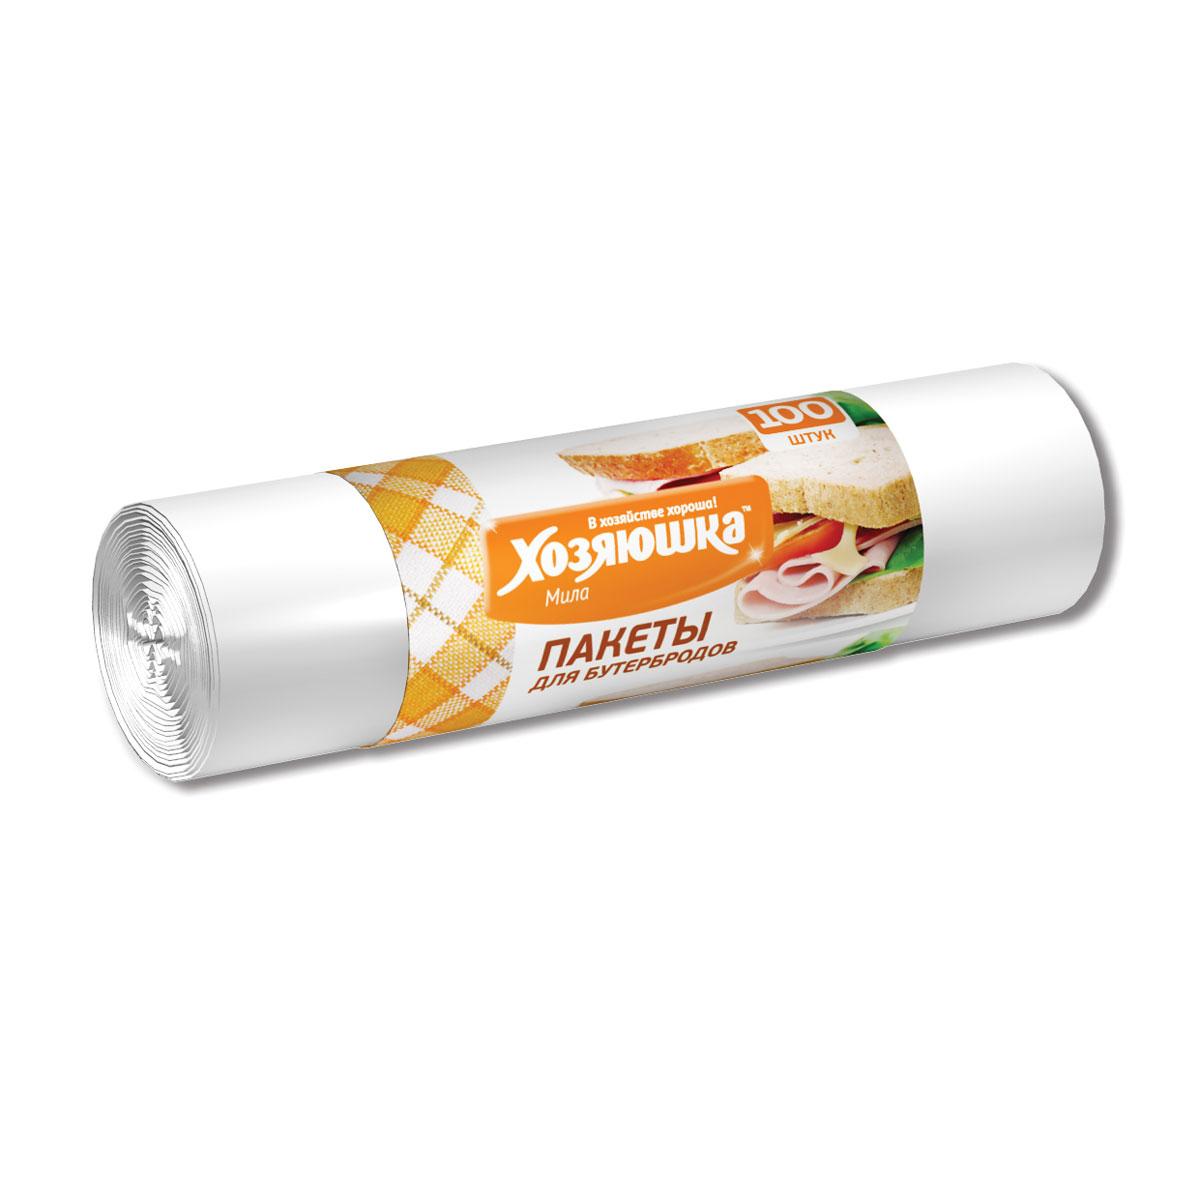 Пакеты для бутербродов Хозяюшка Мила, 17 х 28 см, 100 шт21395599Пакеты для бутербродов Хозяюшка Мила являются предметами первой необходимости. В школу, на работу или в поездку брать с собой бутерброды будет гораздо удобнее в пакетах, которые позволят надежно сохранить свежесть продуктов. Фасовочные пакеты - это самый распространенный, удобный и практичный вид современной упаковки, предназначенный для хранения и транспортировки практически всех видов пищевых и непродовольственных товаров.Размер: 17 см х 28 см.